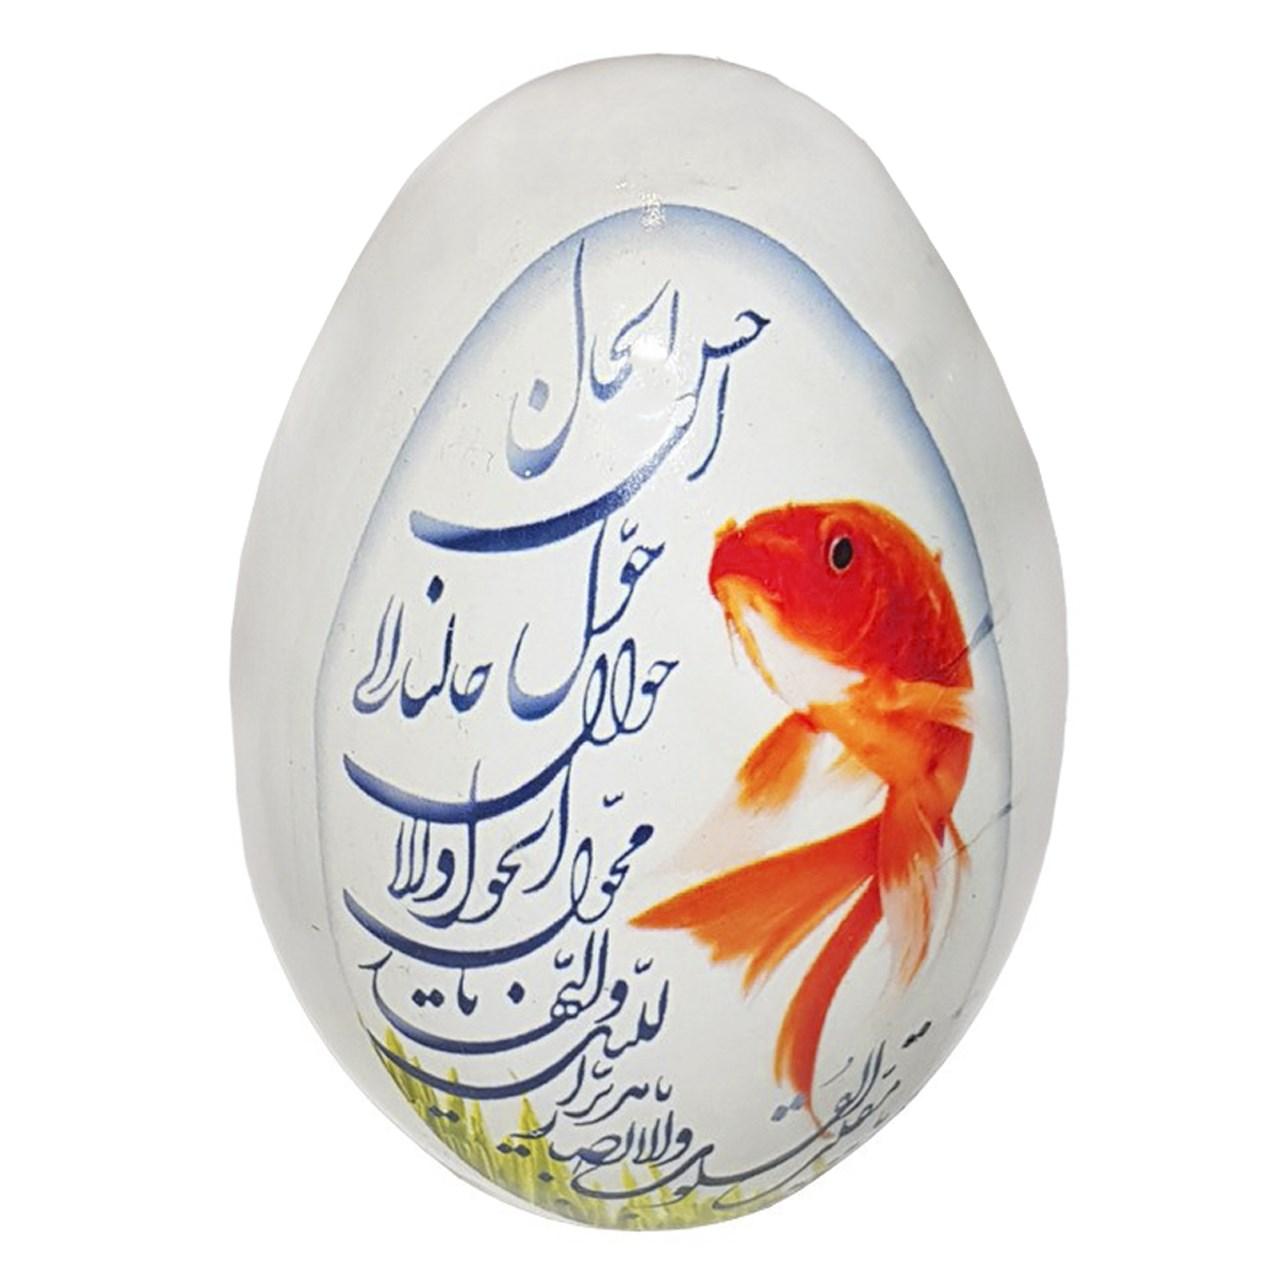 تخم مرغ تزیینی شیانچی طرح ماهی کد 09140061